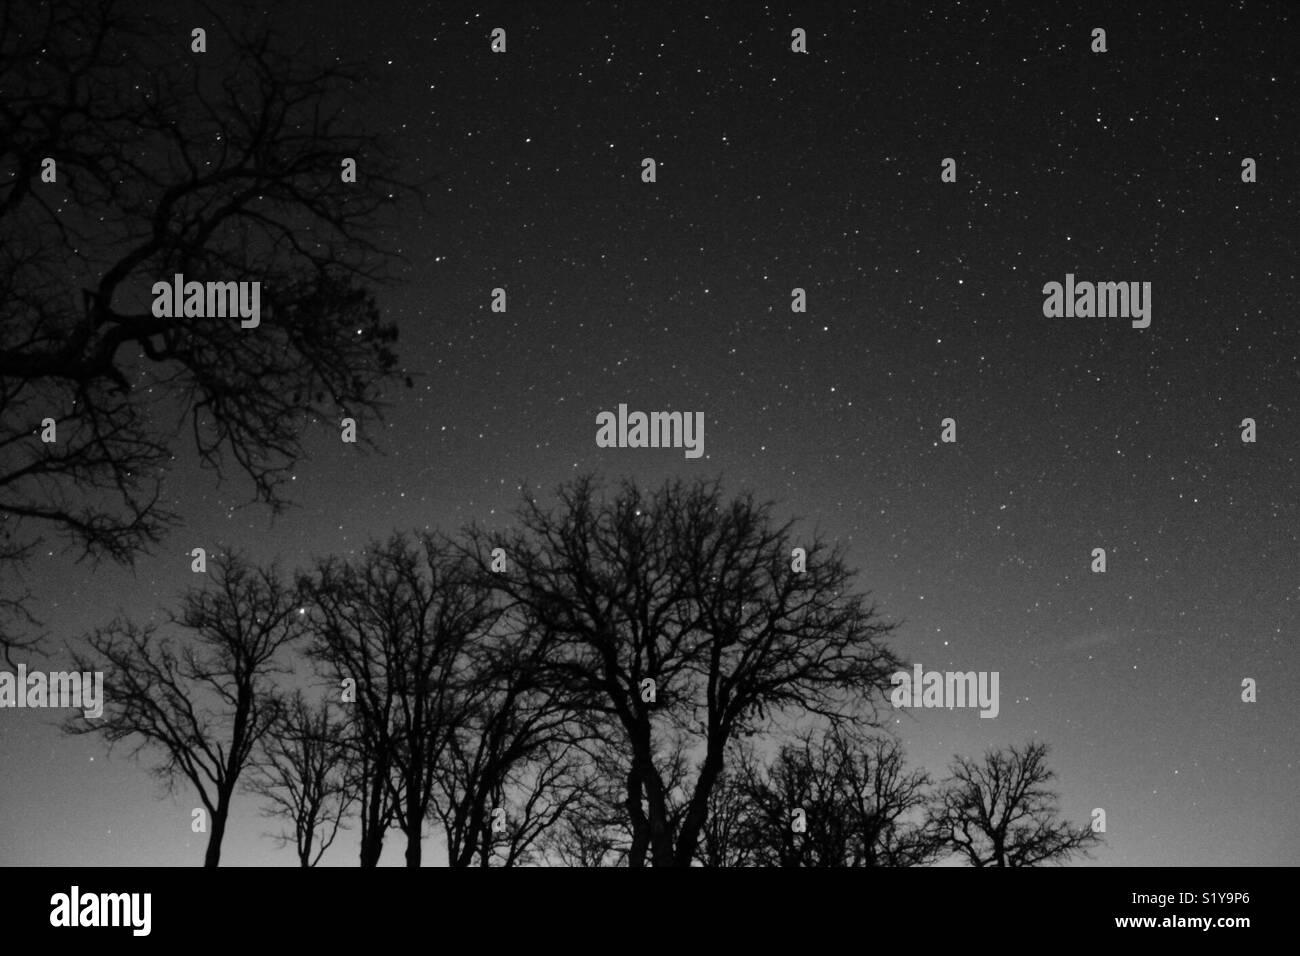 Texas night sky - Stock Image